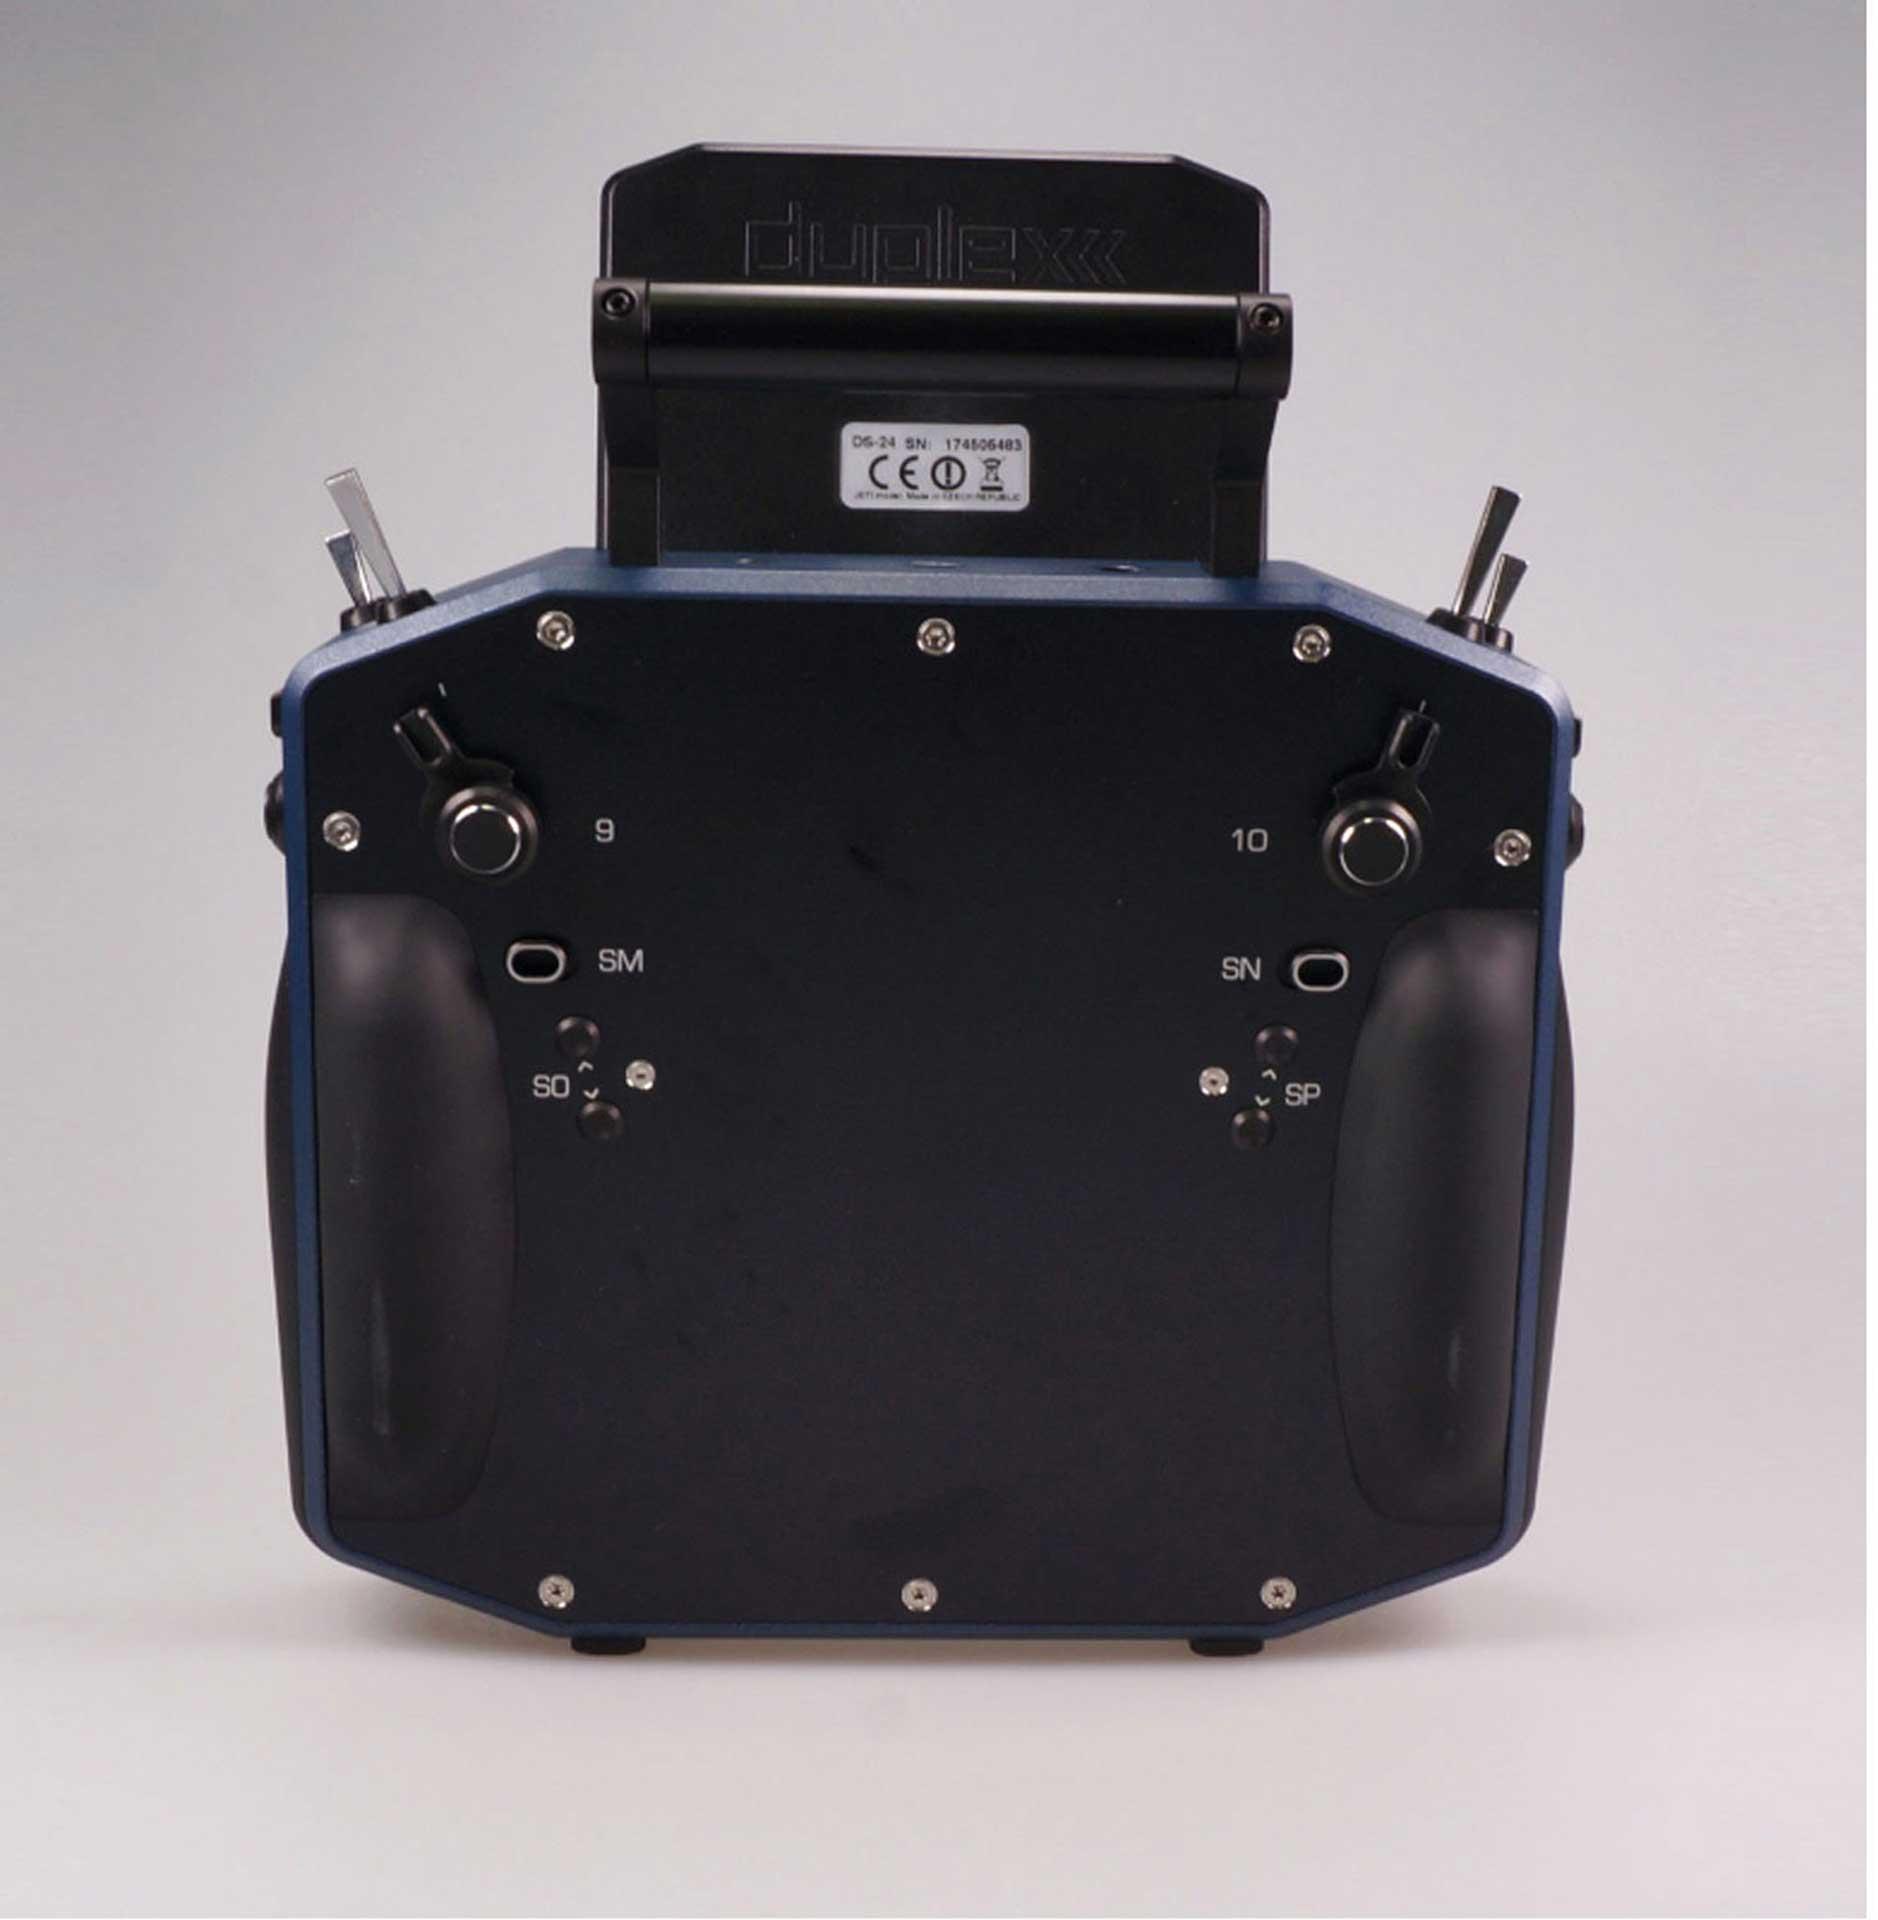 JETI DS-24 DUPLEX HANDSENDER DARK BLUE CARBON LINE MULTIMODE